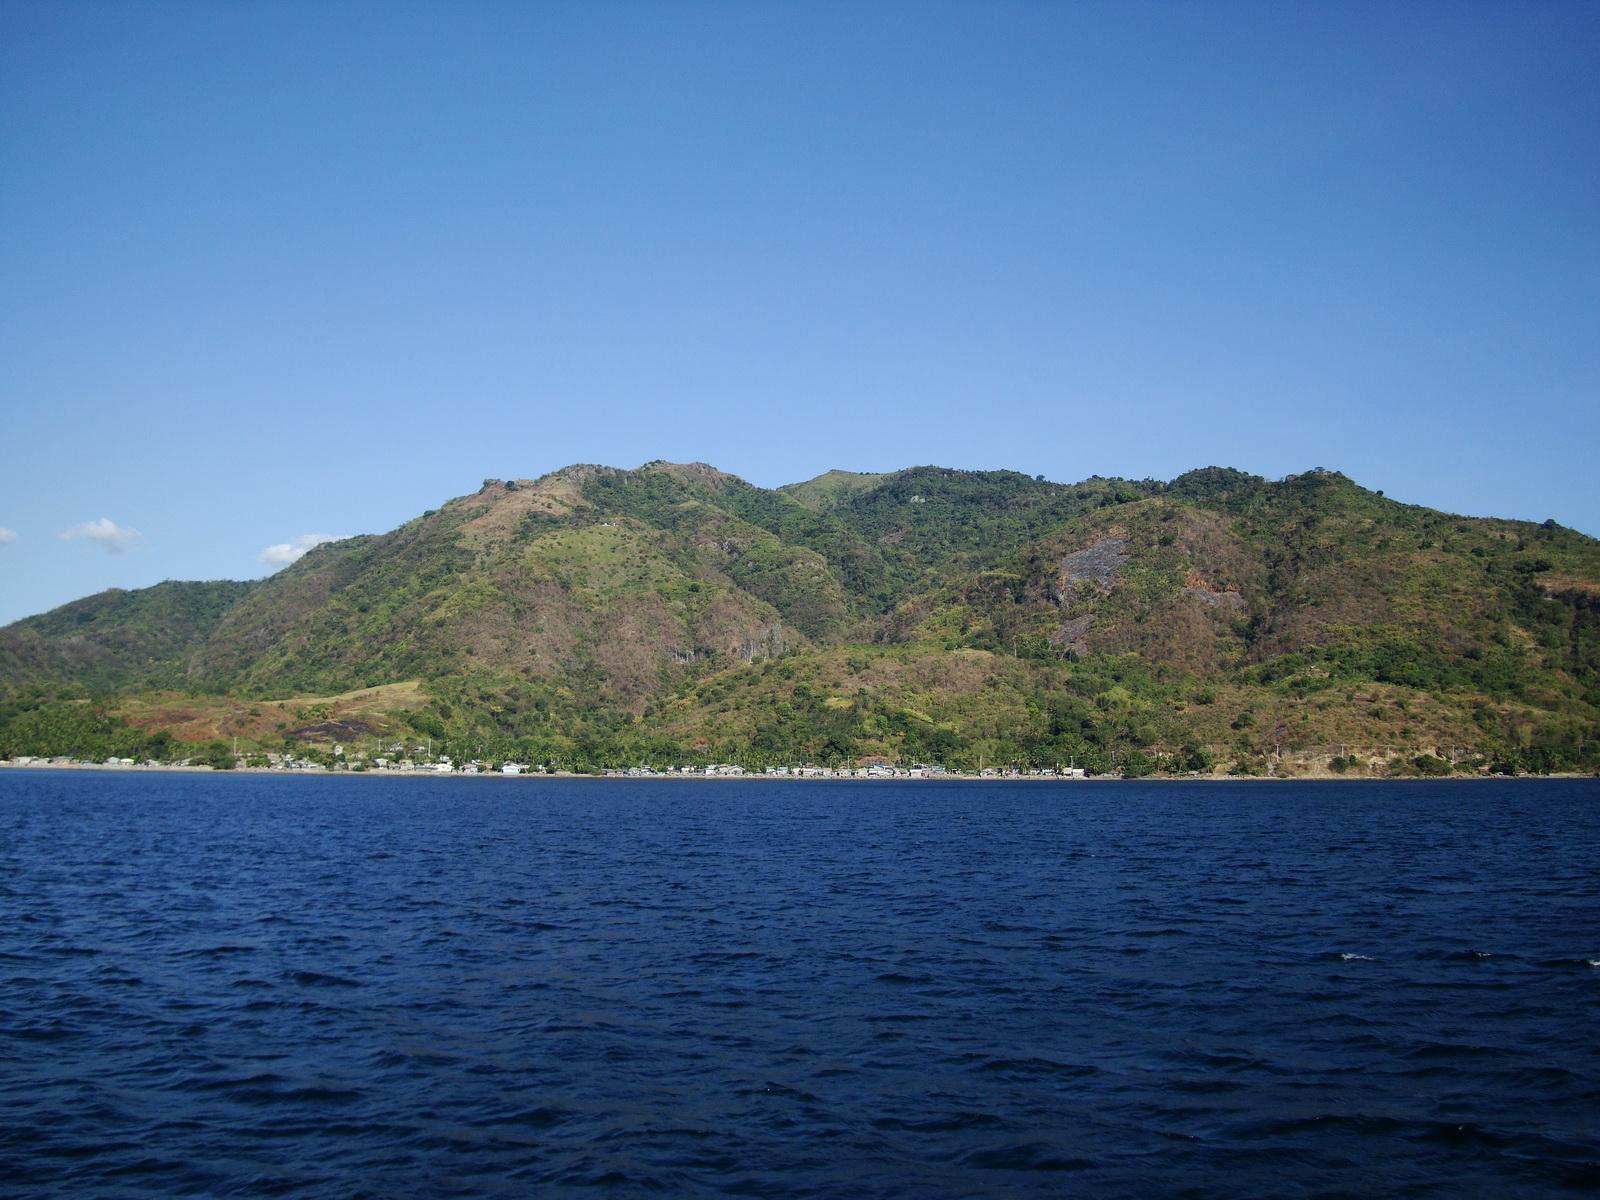 Calumpan Peninsula viewed from a banca Anilao Batangas 09